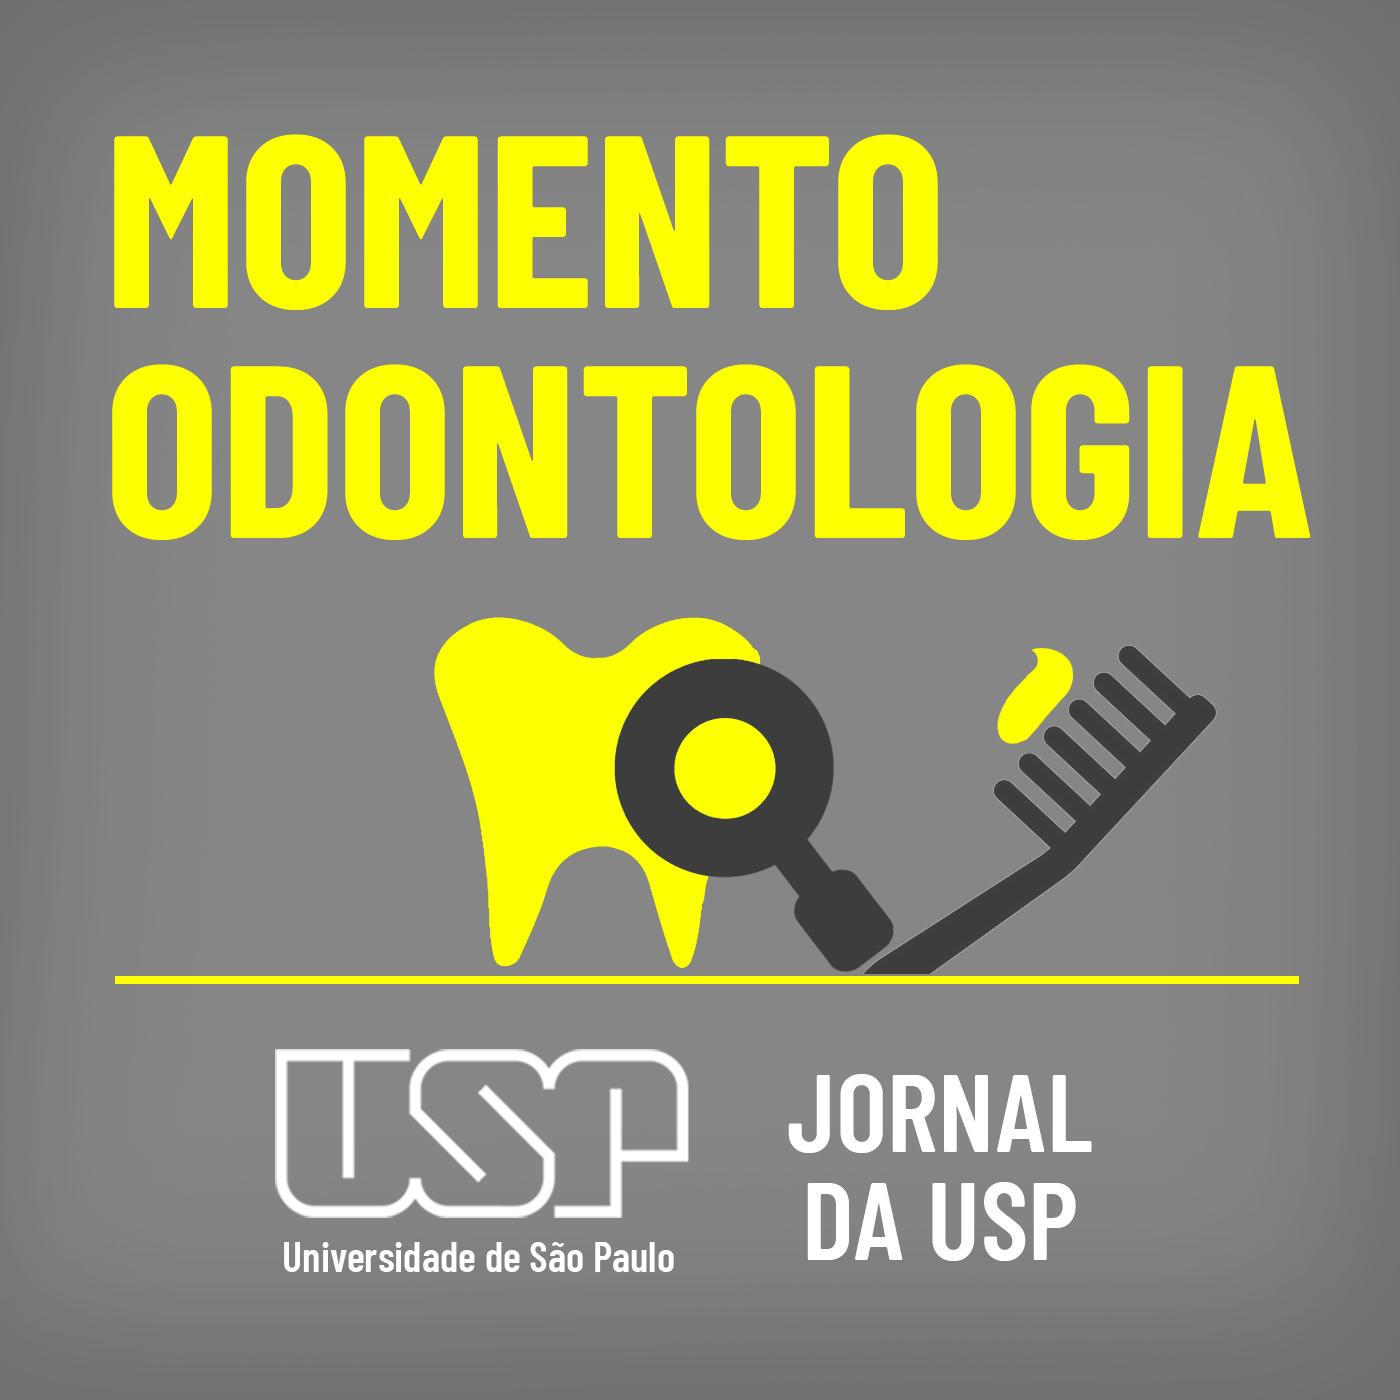 Momento Odontologia #109: Forp trabalha em modelo de saúde bucal para o povo do Xingu